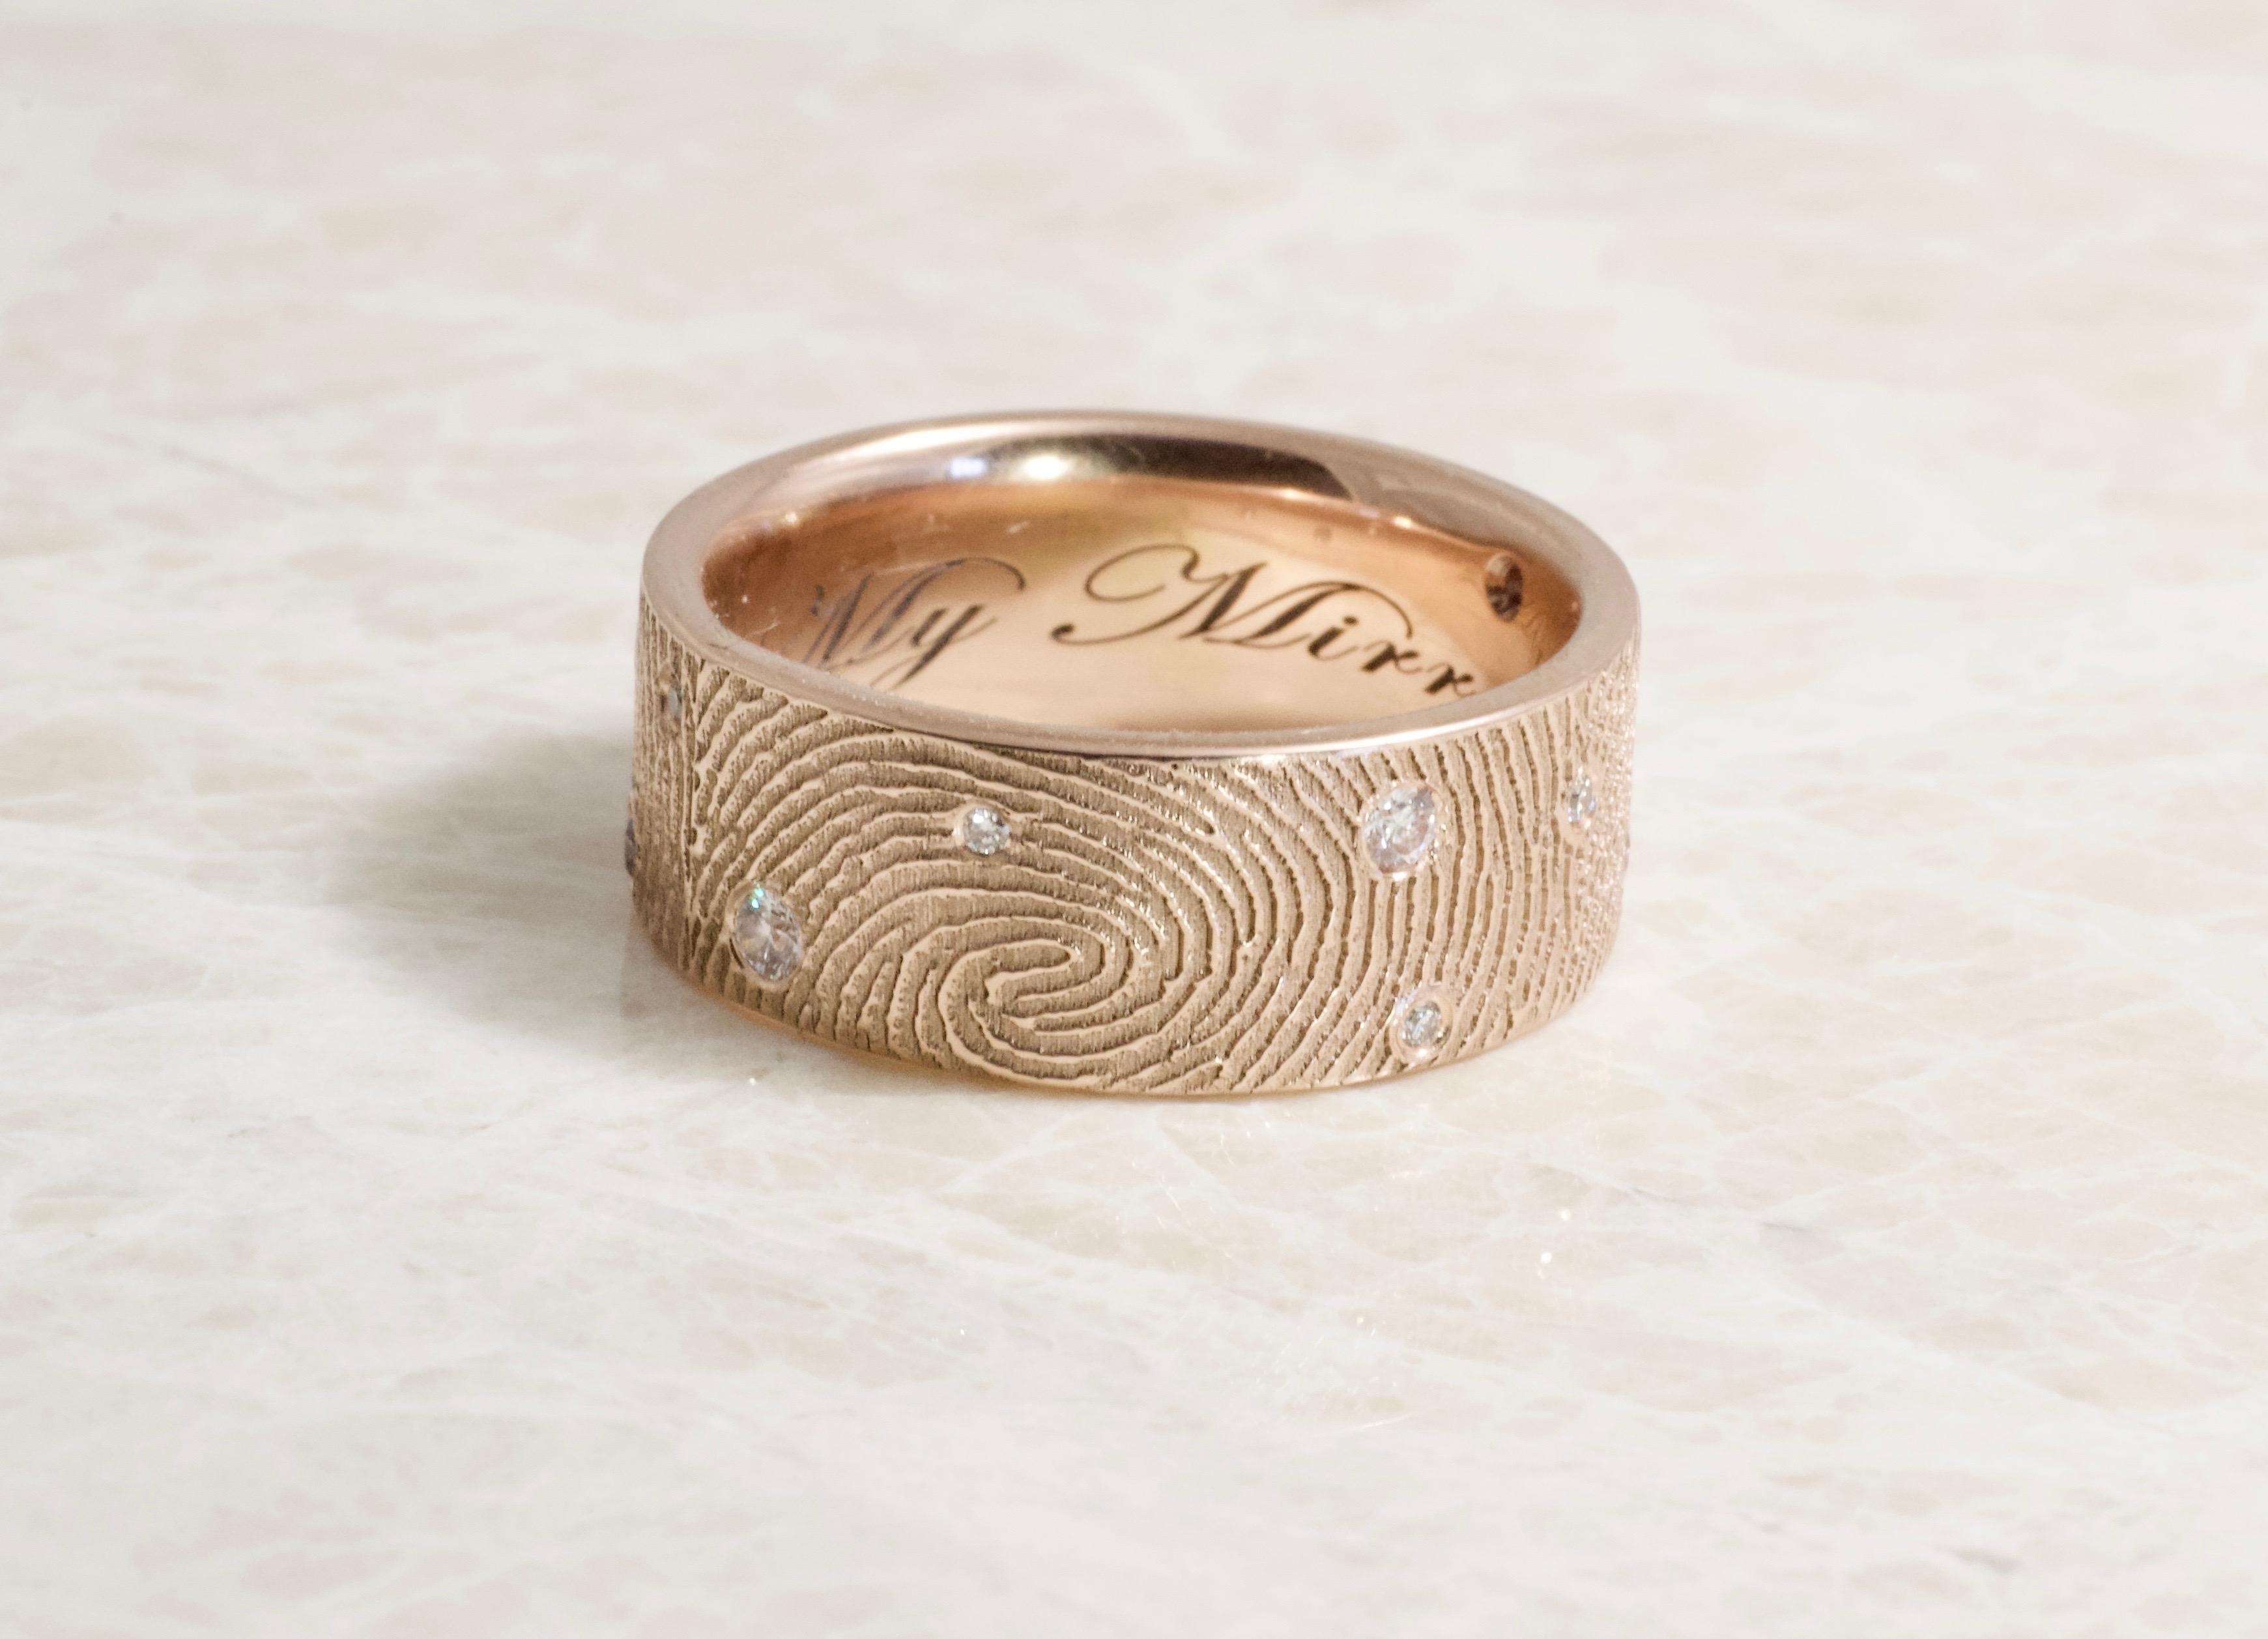 14k rose gold fingerprint ring with scattered diamonds handmade by Brent&Jess